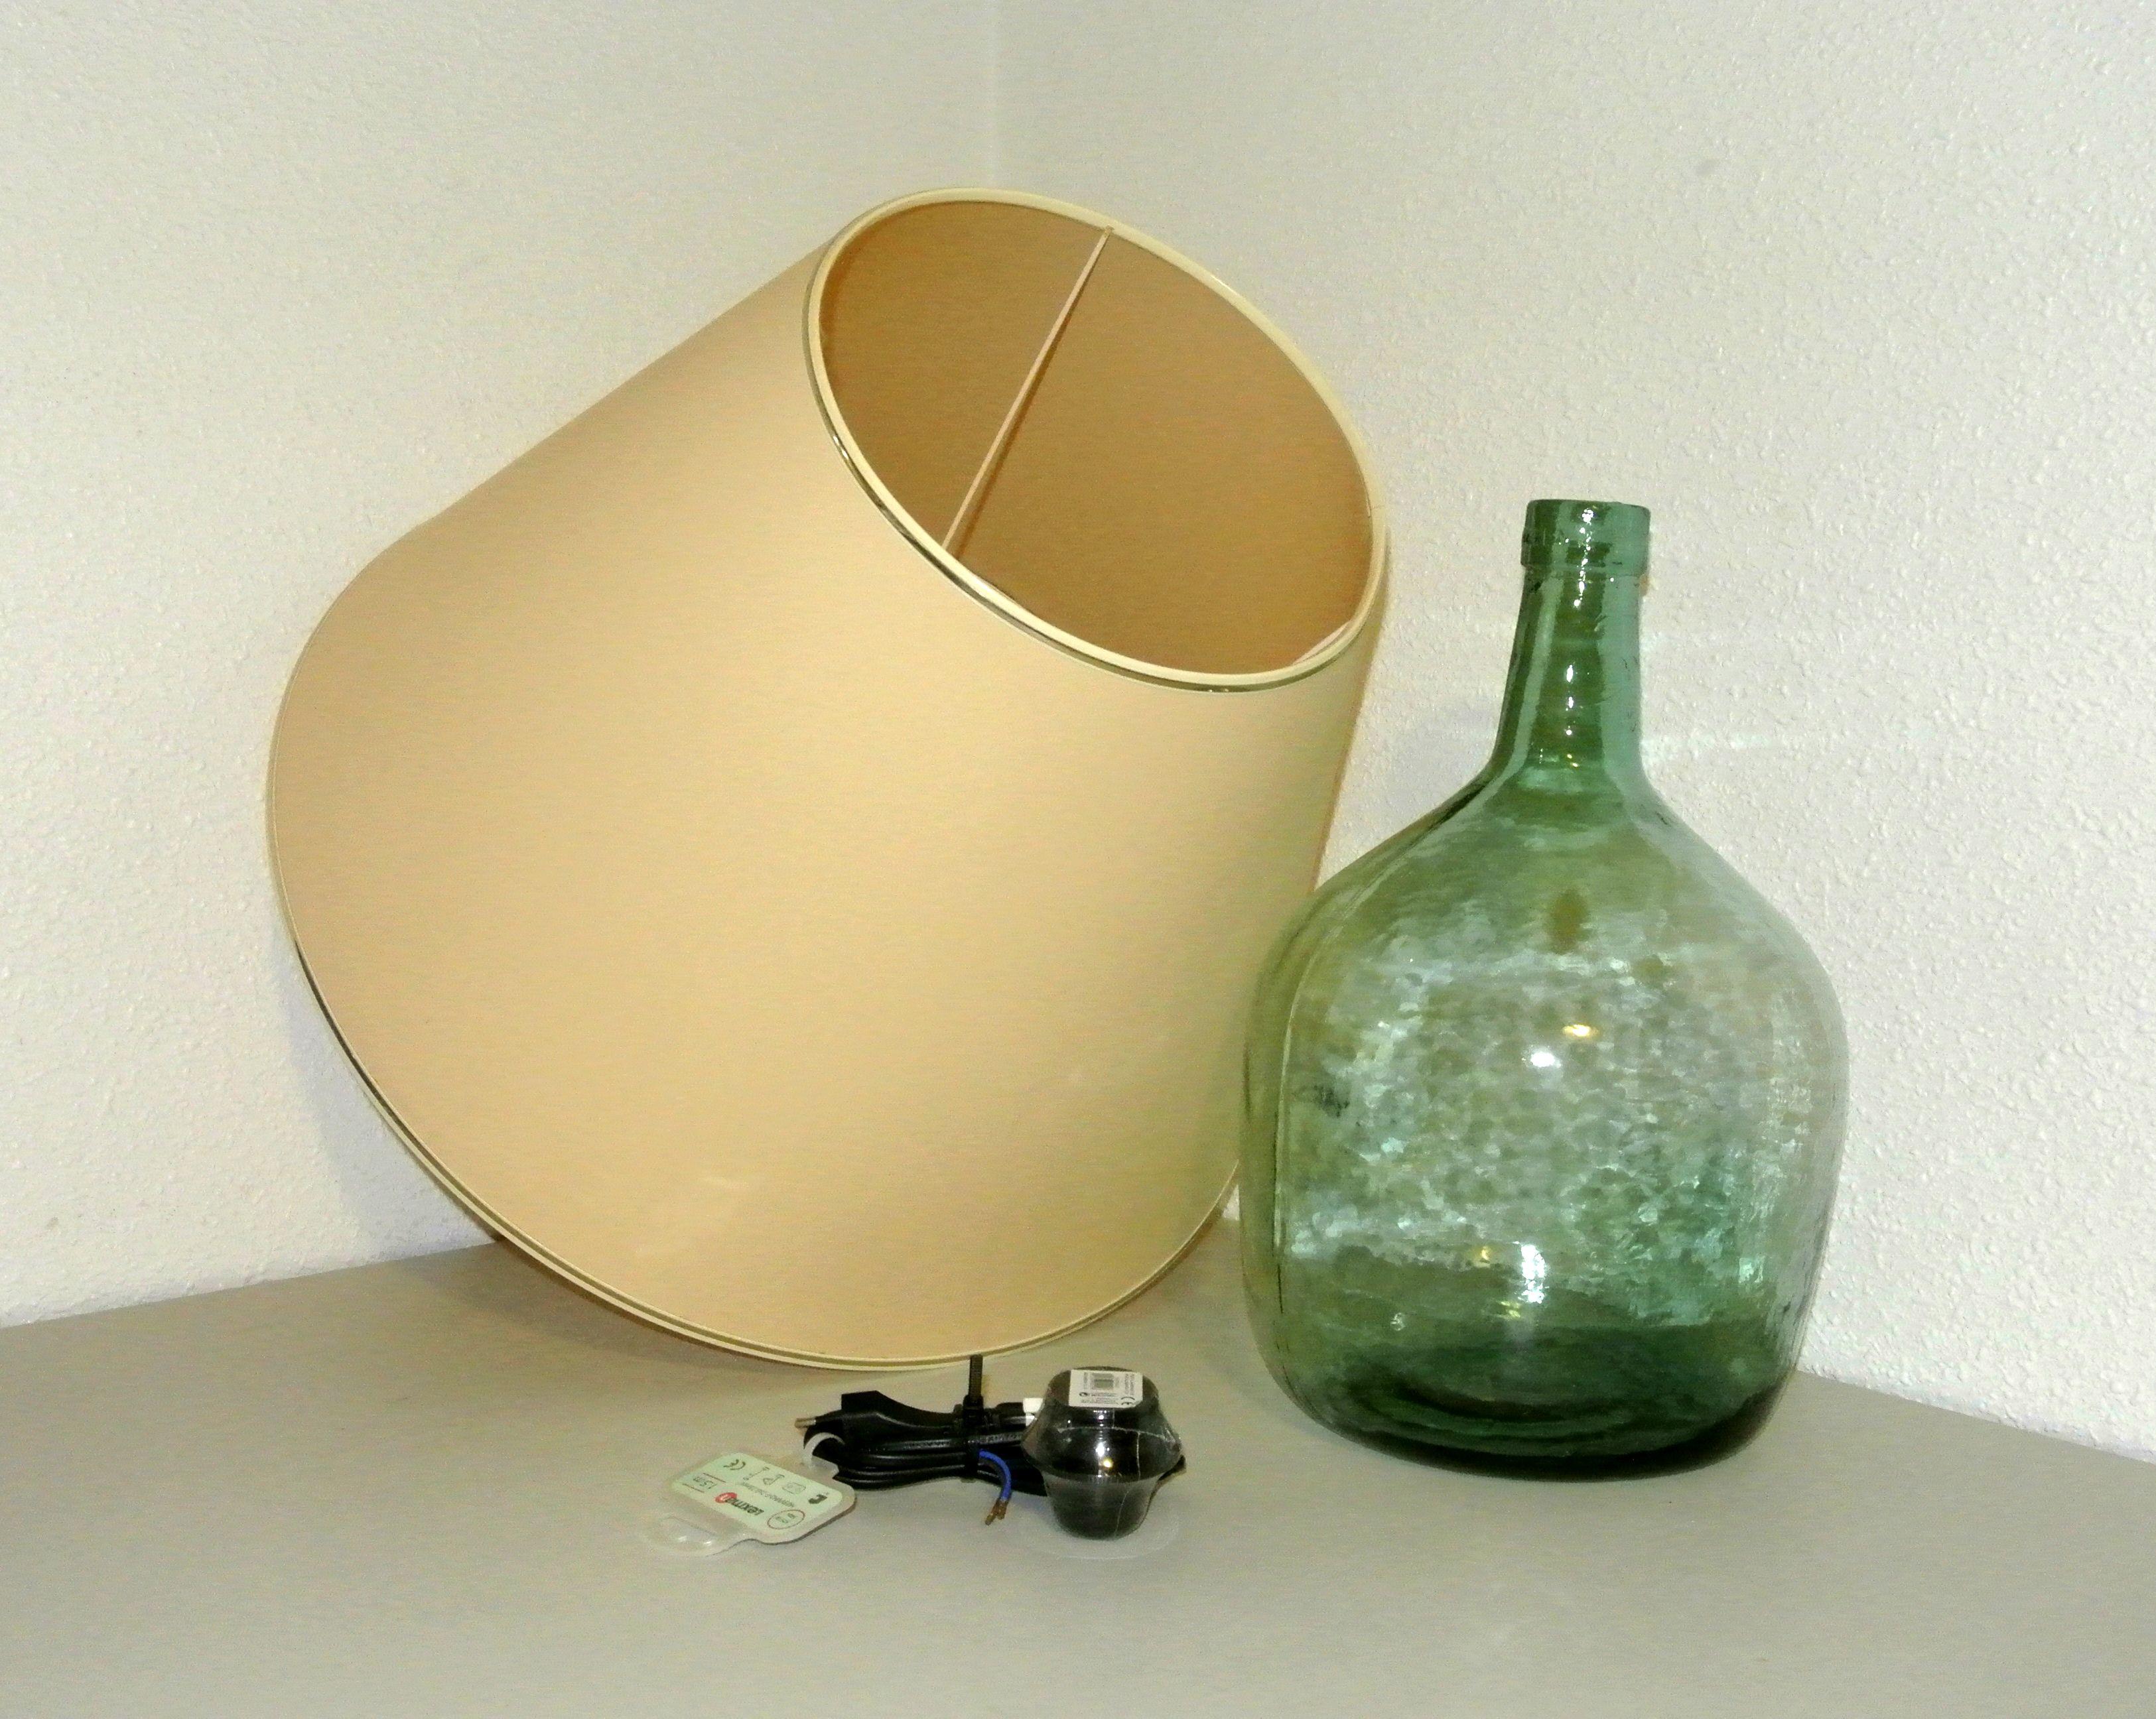 Como Hacer Lamparas Con Botellas De Vidrio Recicladas Como Hacer Una Lampara Con Una Botella Materiales Como Hacer